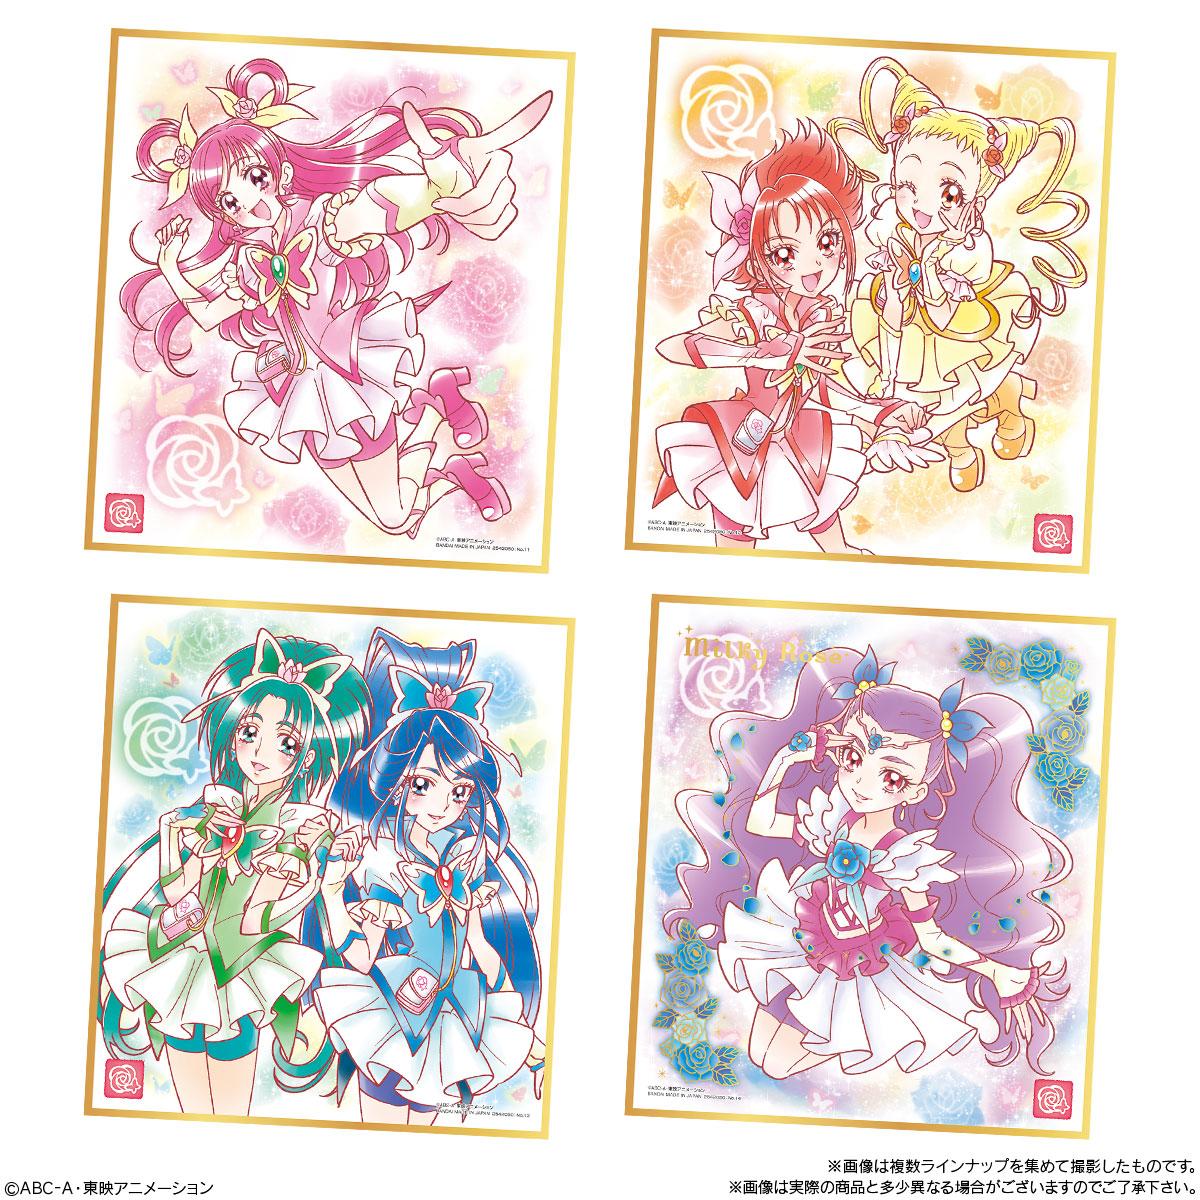 【食玩】プリキュア『プリキュア 色紙ART3』10個入りBOX-005